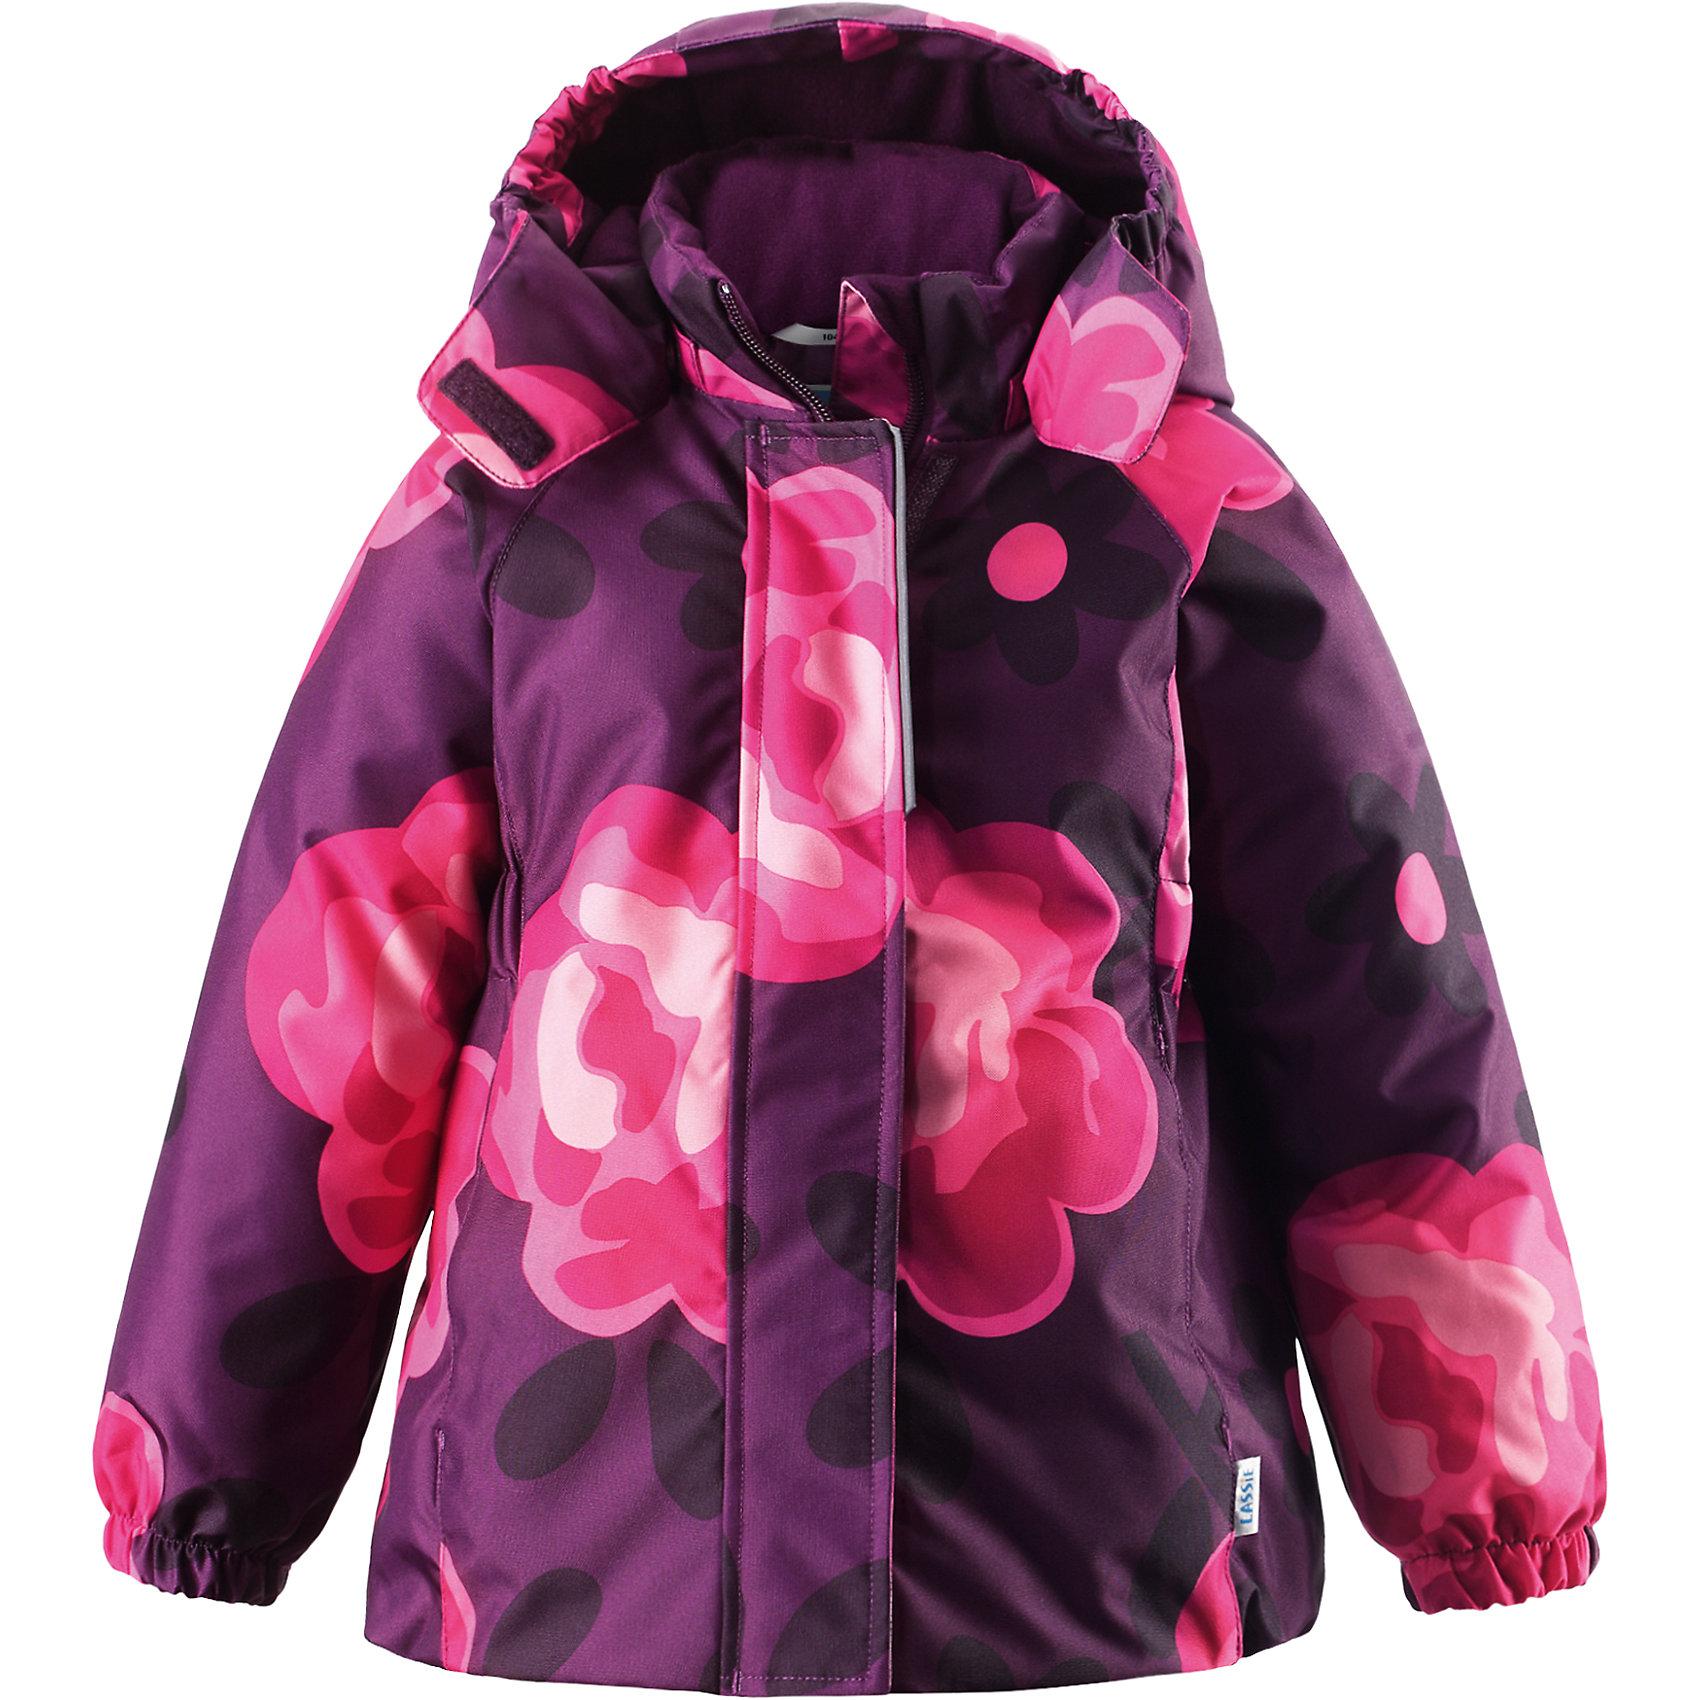 Куртка для девочки LASSIE by ReimaЗимняя куртка для детей известной финской марки.<br><br>- Прочный материал. Водоотталкивающий, ветронепроницаемый, «дышащий» и грязеотталкивающий материал. <br>- Крой для девочек. <br>- Гладкая подкладка из полиэстра.<br>- Средняя степень утепления.<br>-  Безопасный, съемный капюшон. <br>- Эластичные манжеты. Карманы в боковых швах.<br>-  Принт по всей поверхности.  <br><br>Рекомендации по уходу: Стирать по отдельности, вывернув наизнанку. Застегнуть молнии и липучки. Соблюдать температуру в соответствии с руководством по уходу. Стирать моющим средством, не содержащим отбеливающие вещества. Полоскать без специального средства. Сушение в сушильном шкафу разрешено при  низкой температуре.<br><br>Состав: 100% Полиамид, полиуретановое покрытие.  Утеплитель «Lassie wadding» 180гр.<br><br>Ширина мм: 356<br>Глубина мм: 10<br>Высота мм: 245<br>Вес г: 519<br>Цвет: фиолетовый<br>Возраст от месяцев: 18<br>Возраст до месяцев: 24<br>Пол: Женский<br>Возраст: Детский<br>Размер: 92,140,134,128,122,116,110,104,98<br>SKU: 4782268